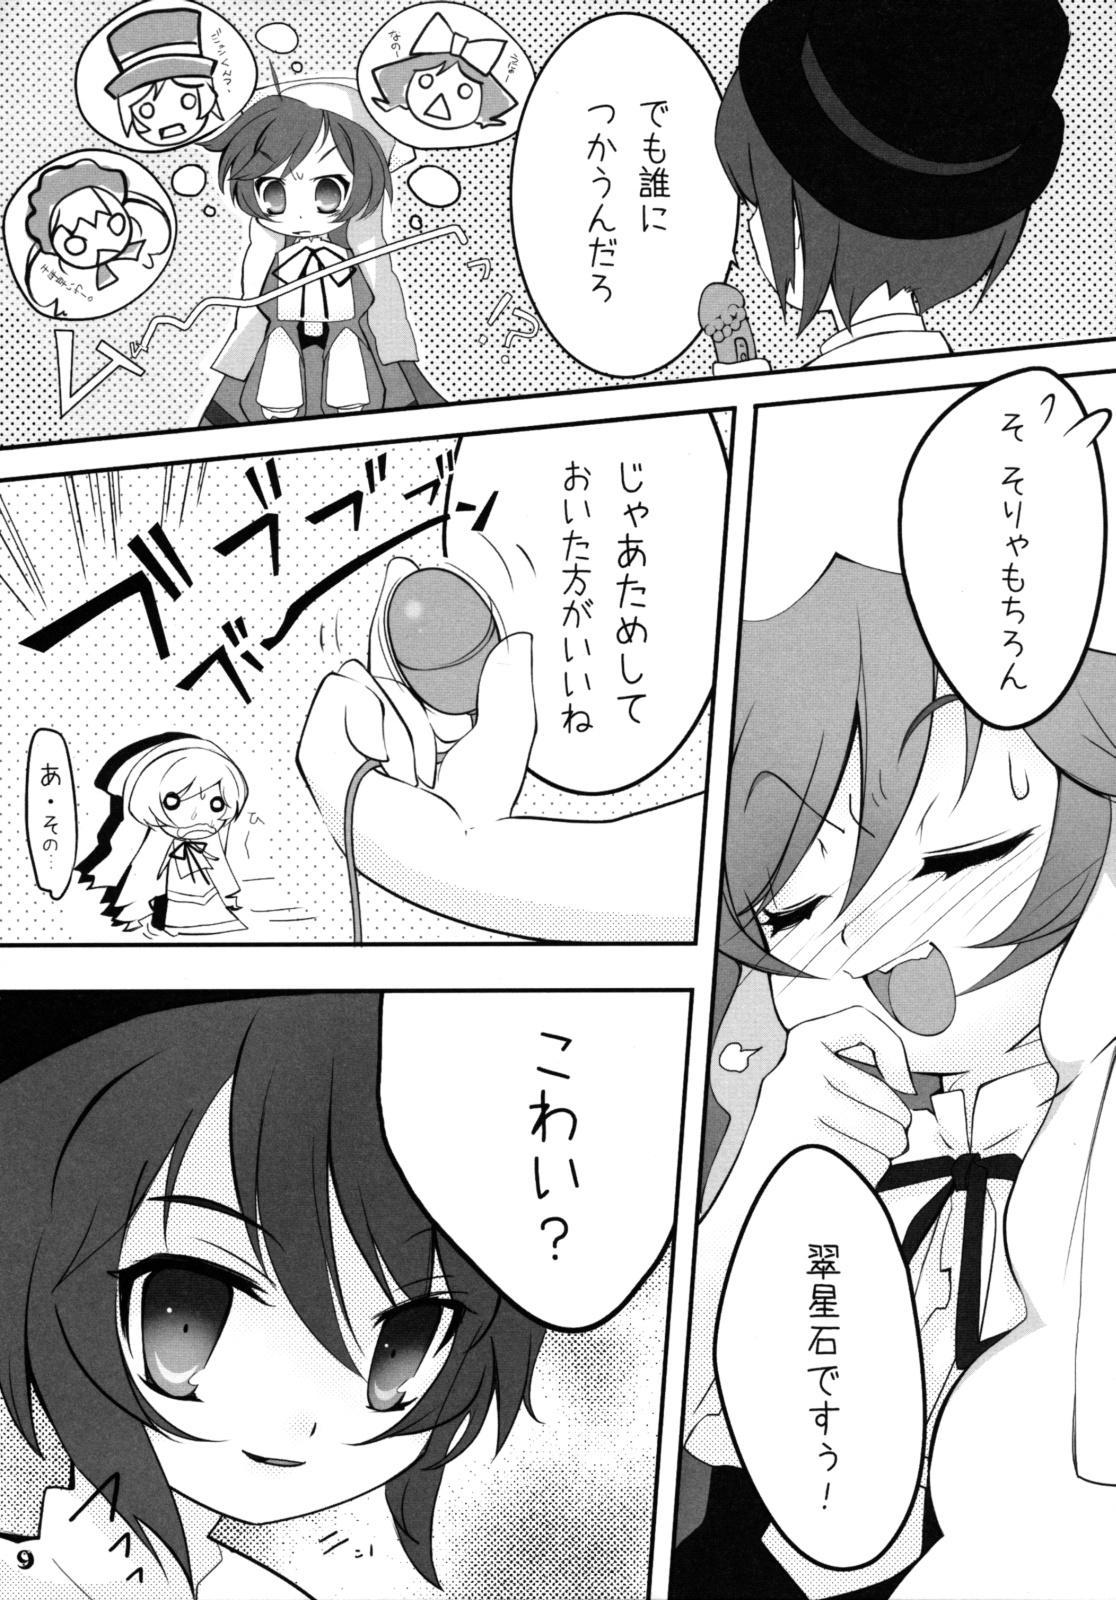 Shimai de NyanNyan 7